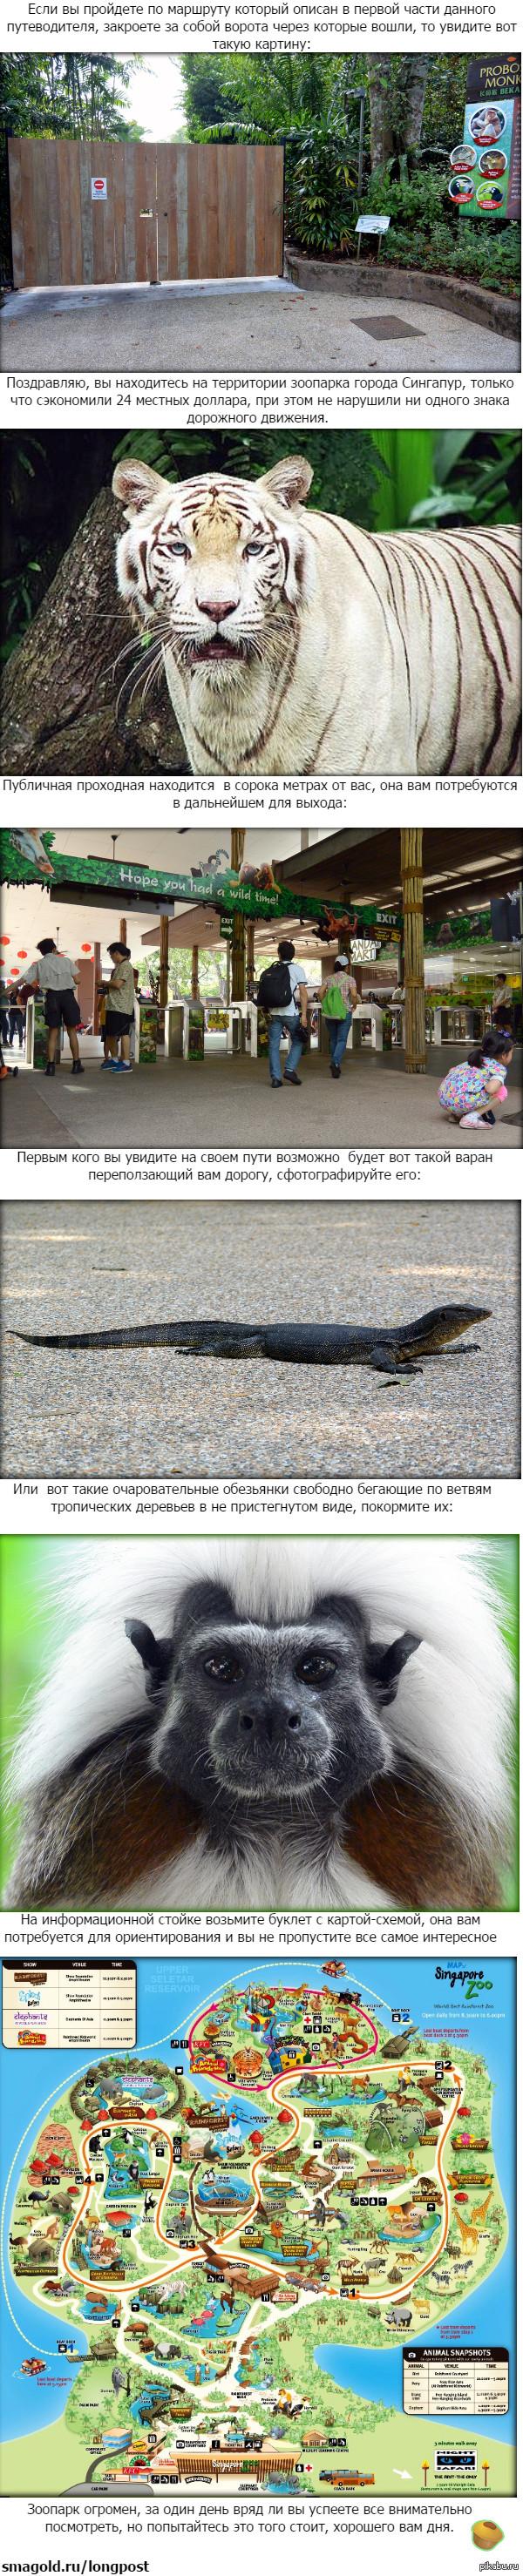 Зоопарк Сингапура - самый дорогой в мире. Как пройти бесплатно. Часть вторая.